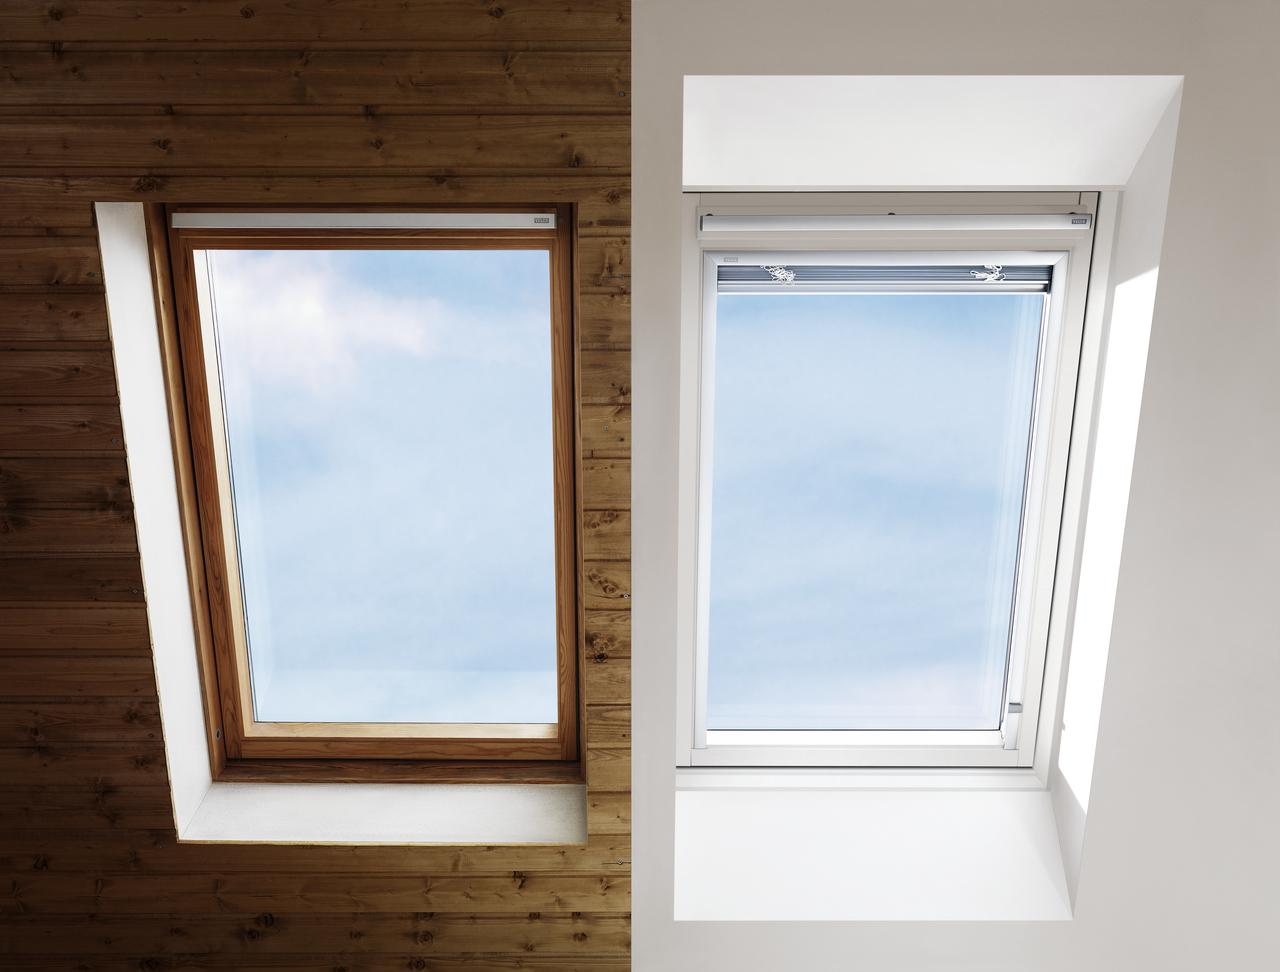 cambio finestra prima e dopo